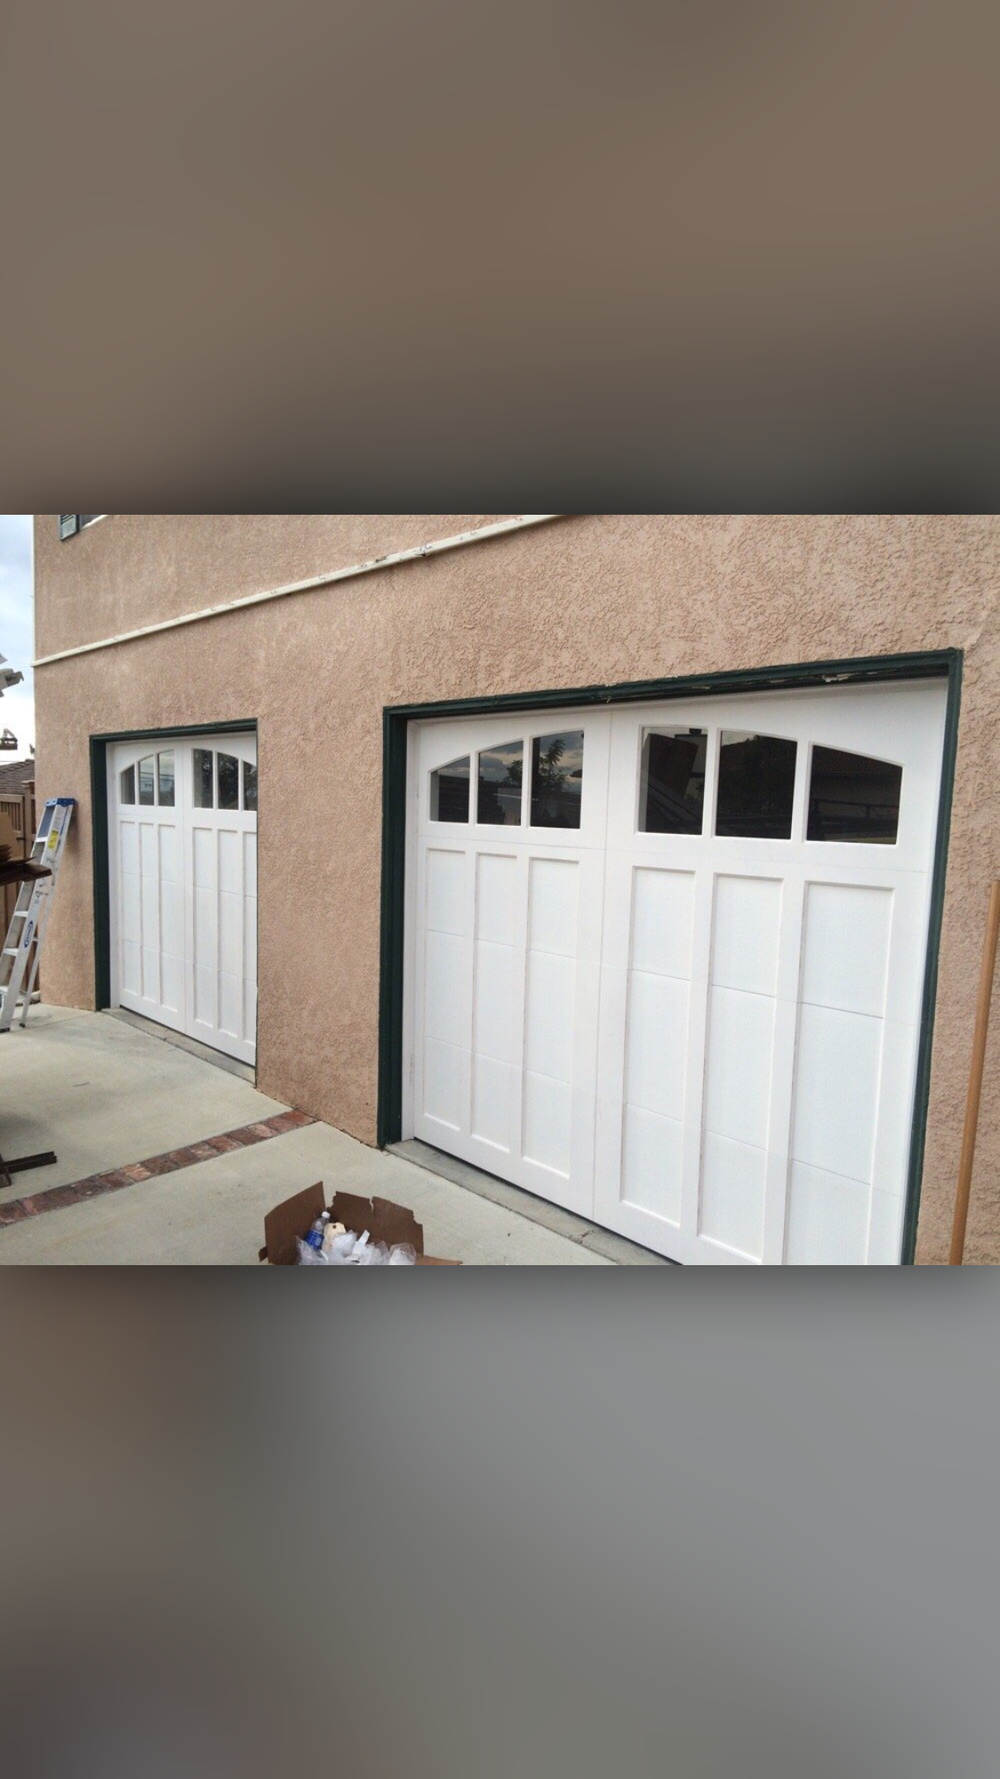 all bay garage doors - carriage house garage door - kevin chervatin - 25.PNG